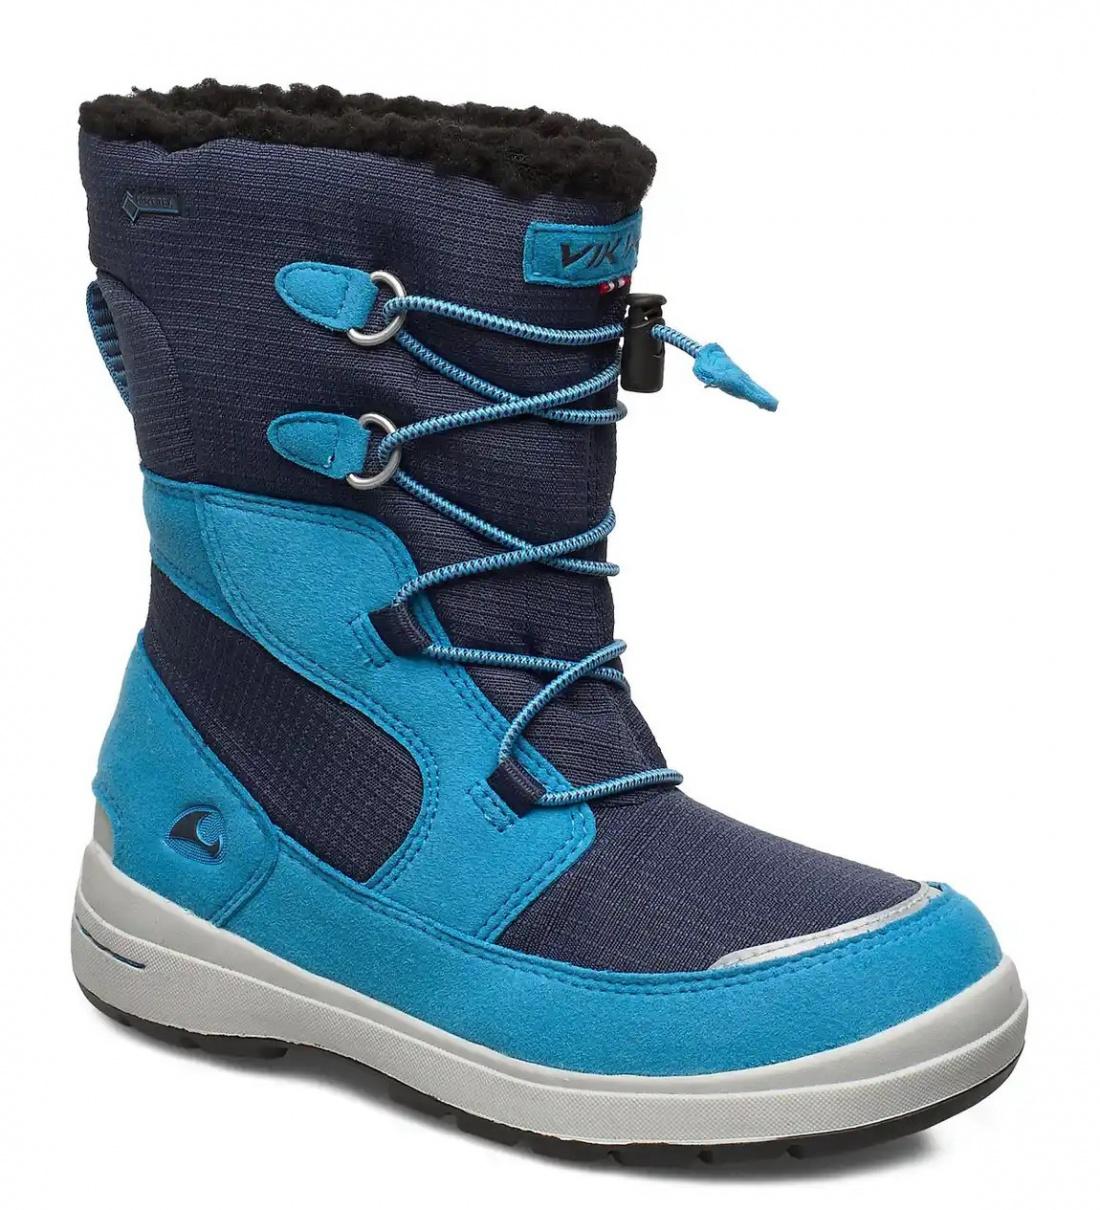 Купить 3-86030-03505, Ботинки для детей Viking цв. синий р-р. 27,